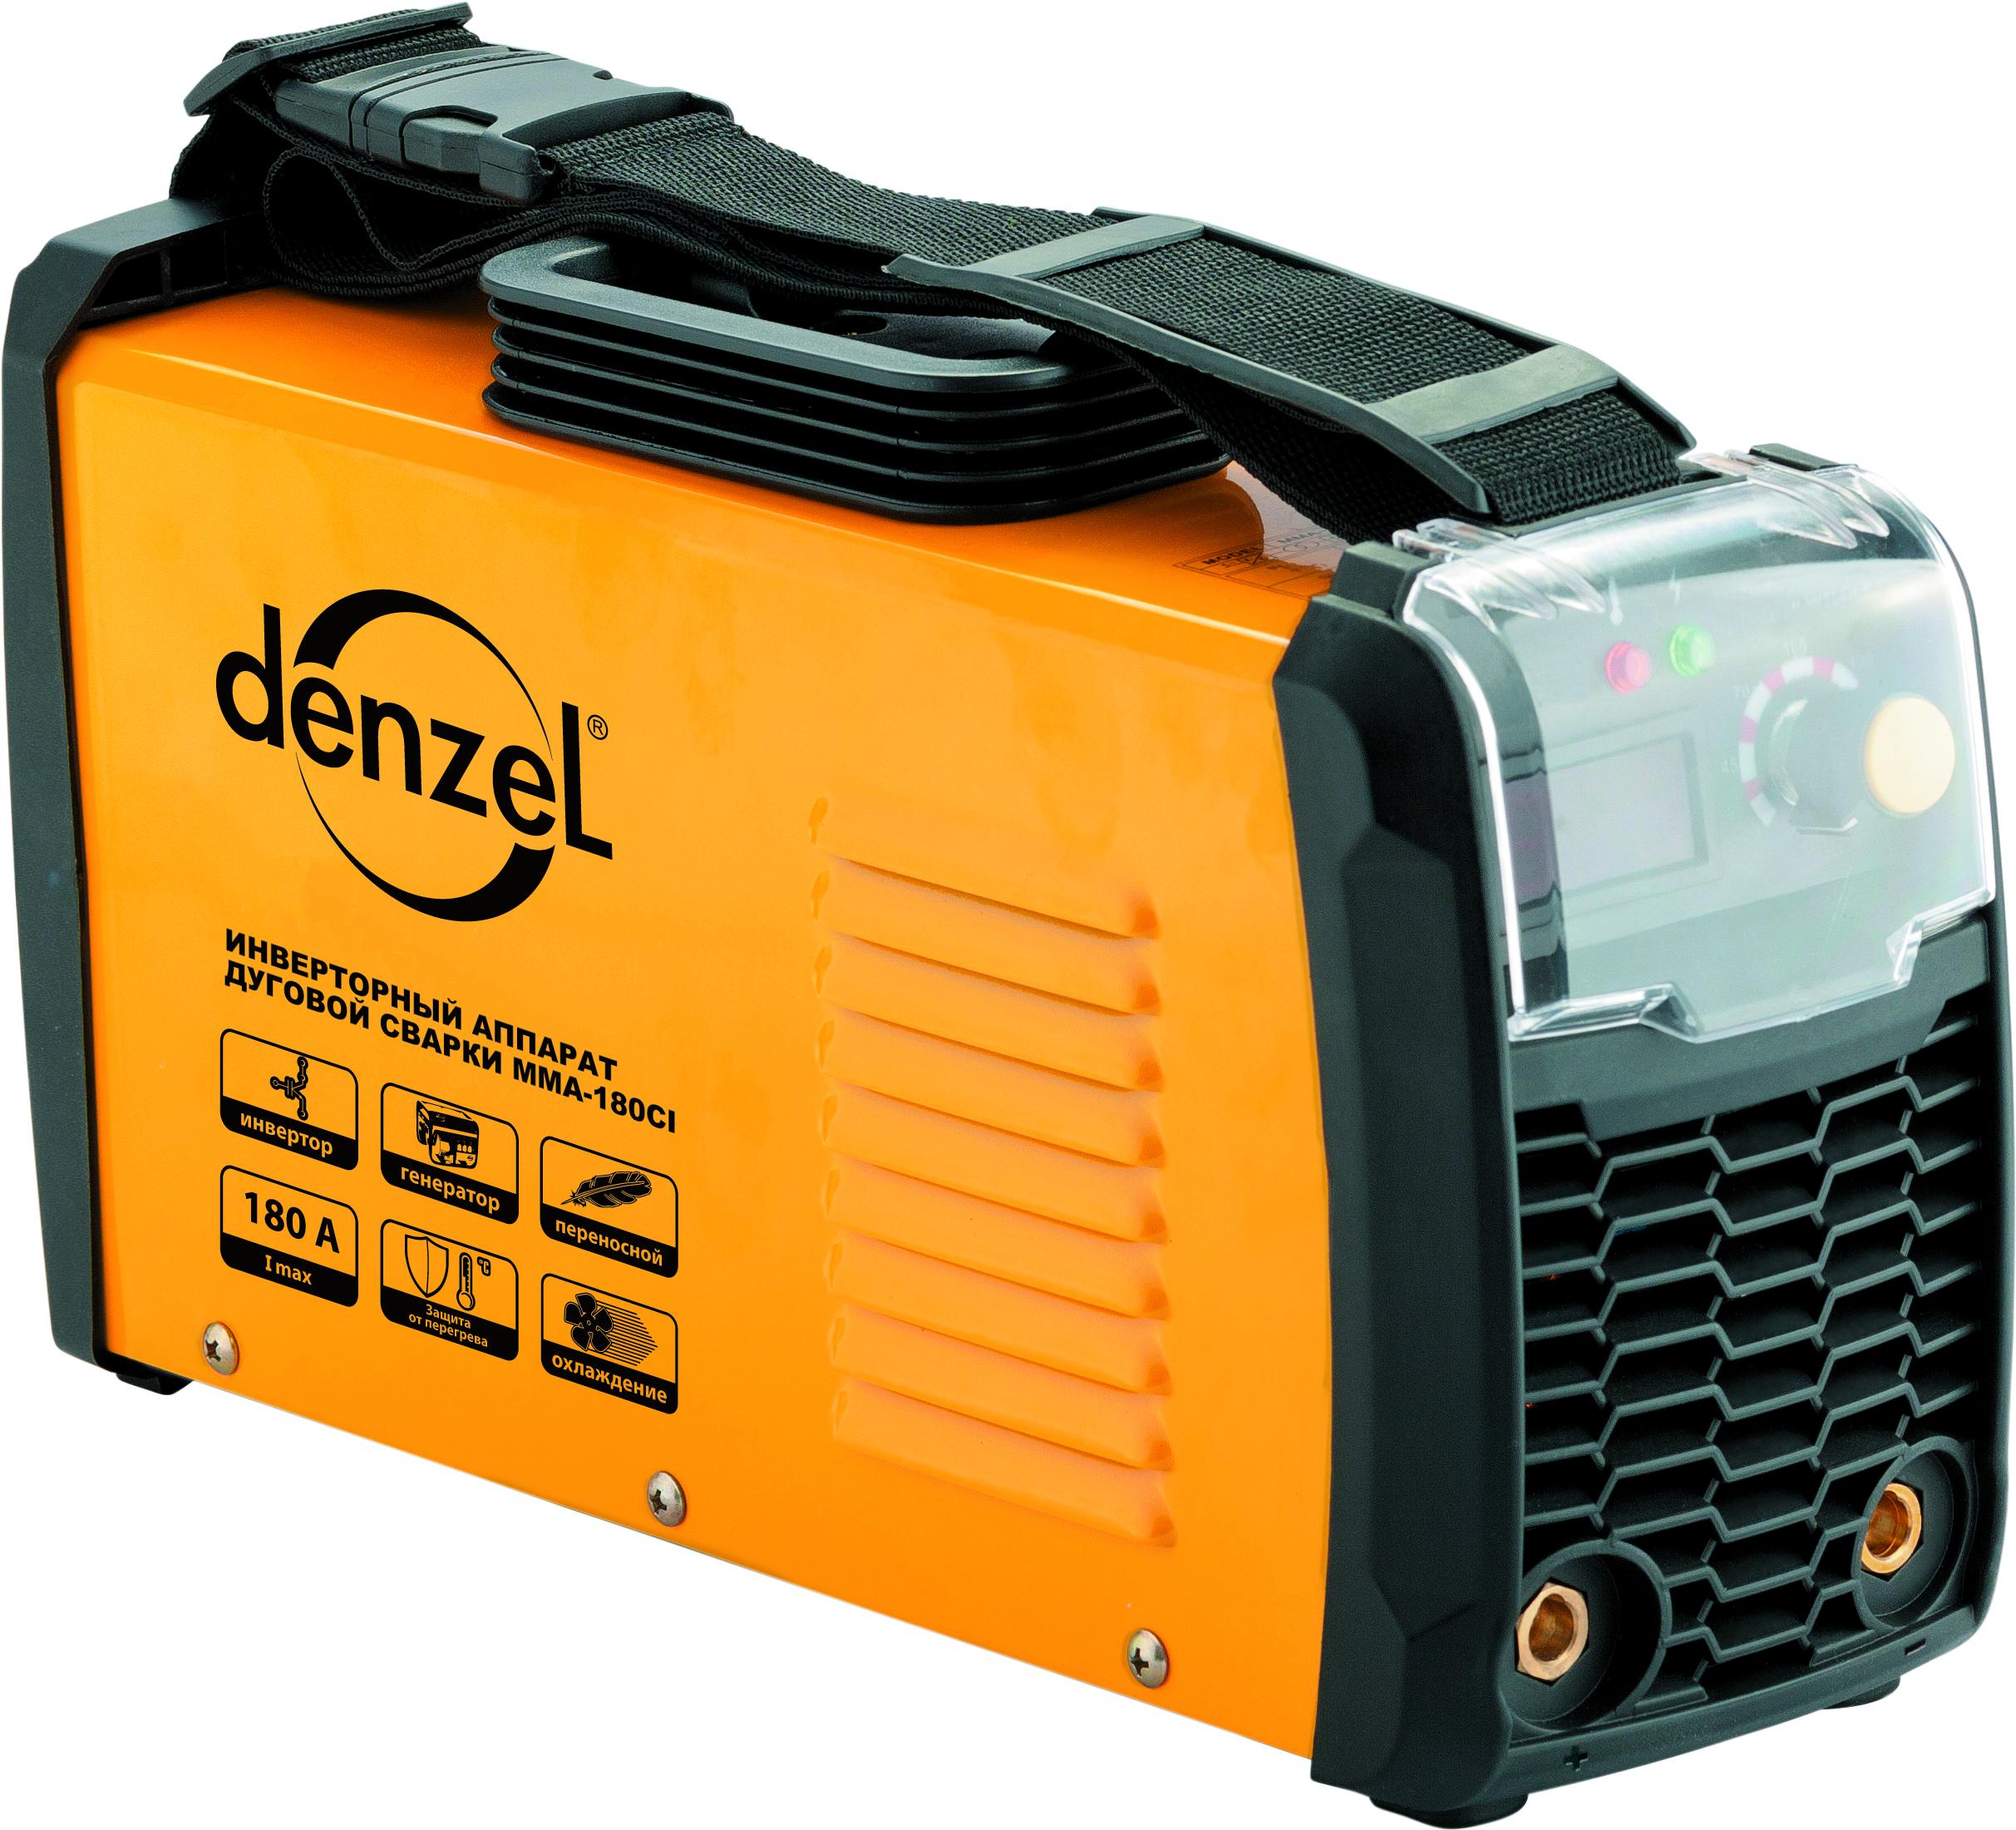 ��������� ������� Denzel ���-180ci